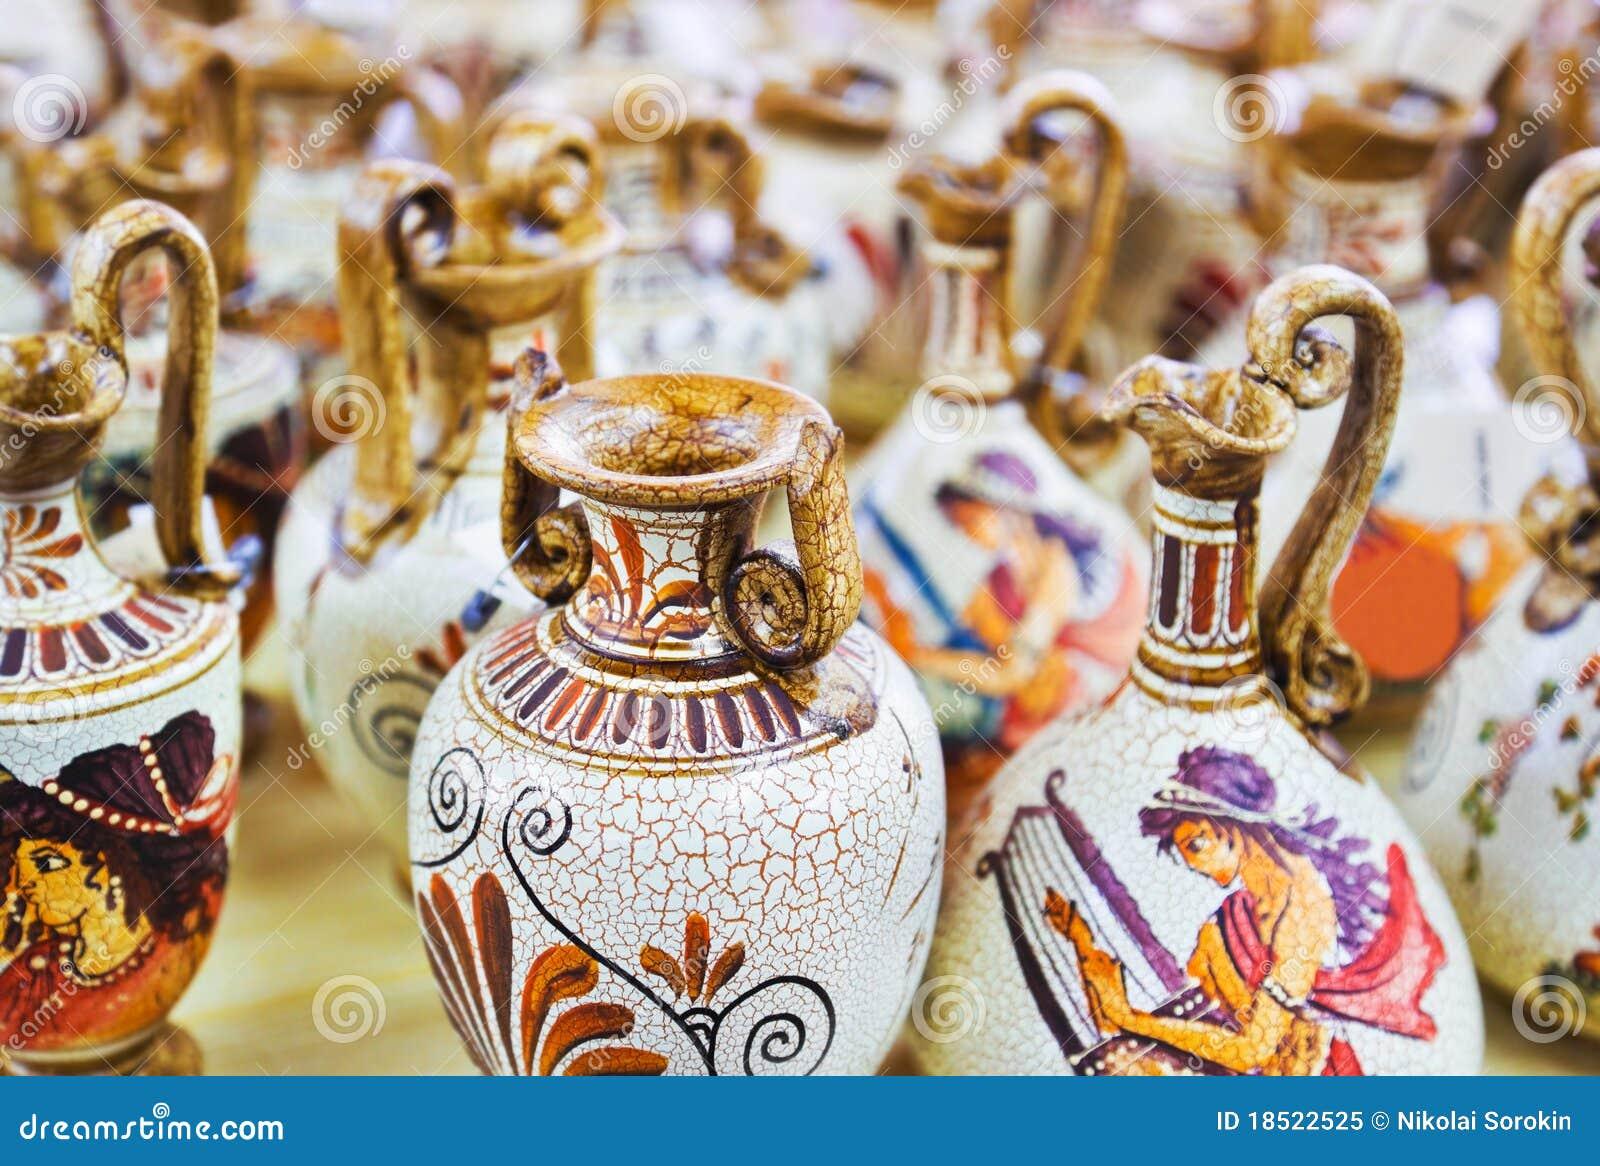 陶瓷界面纪念品